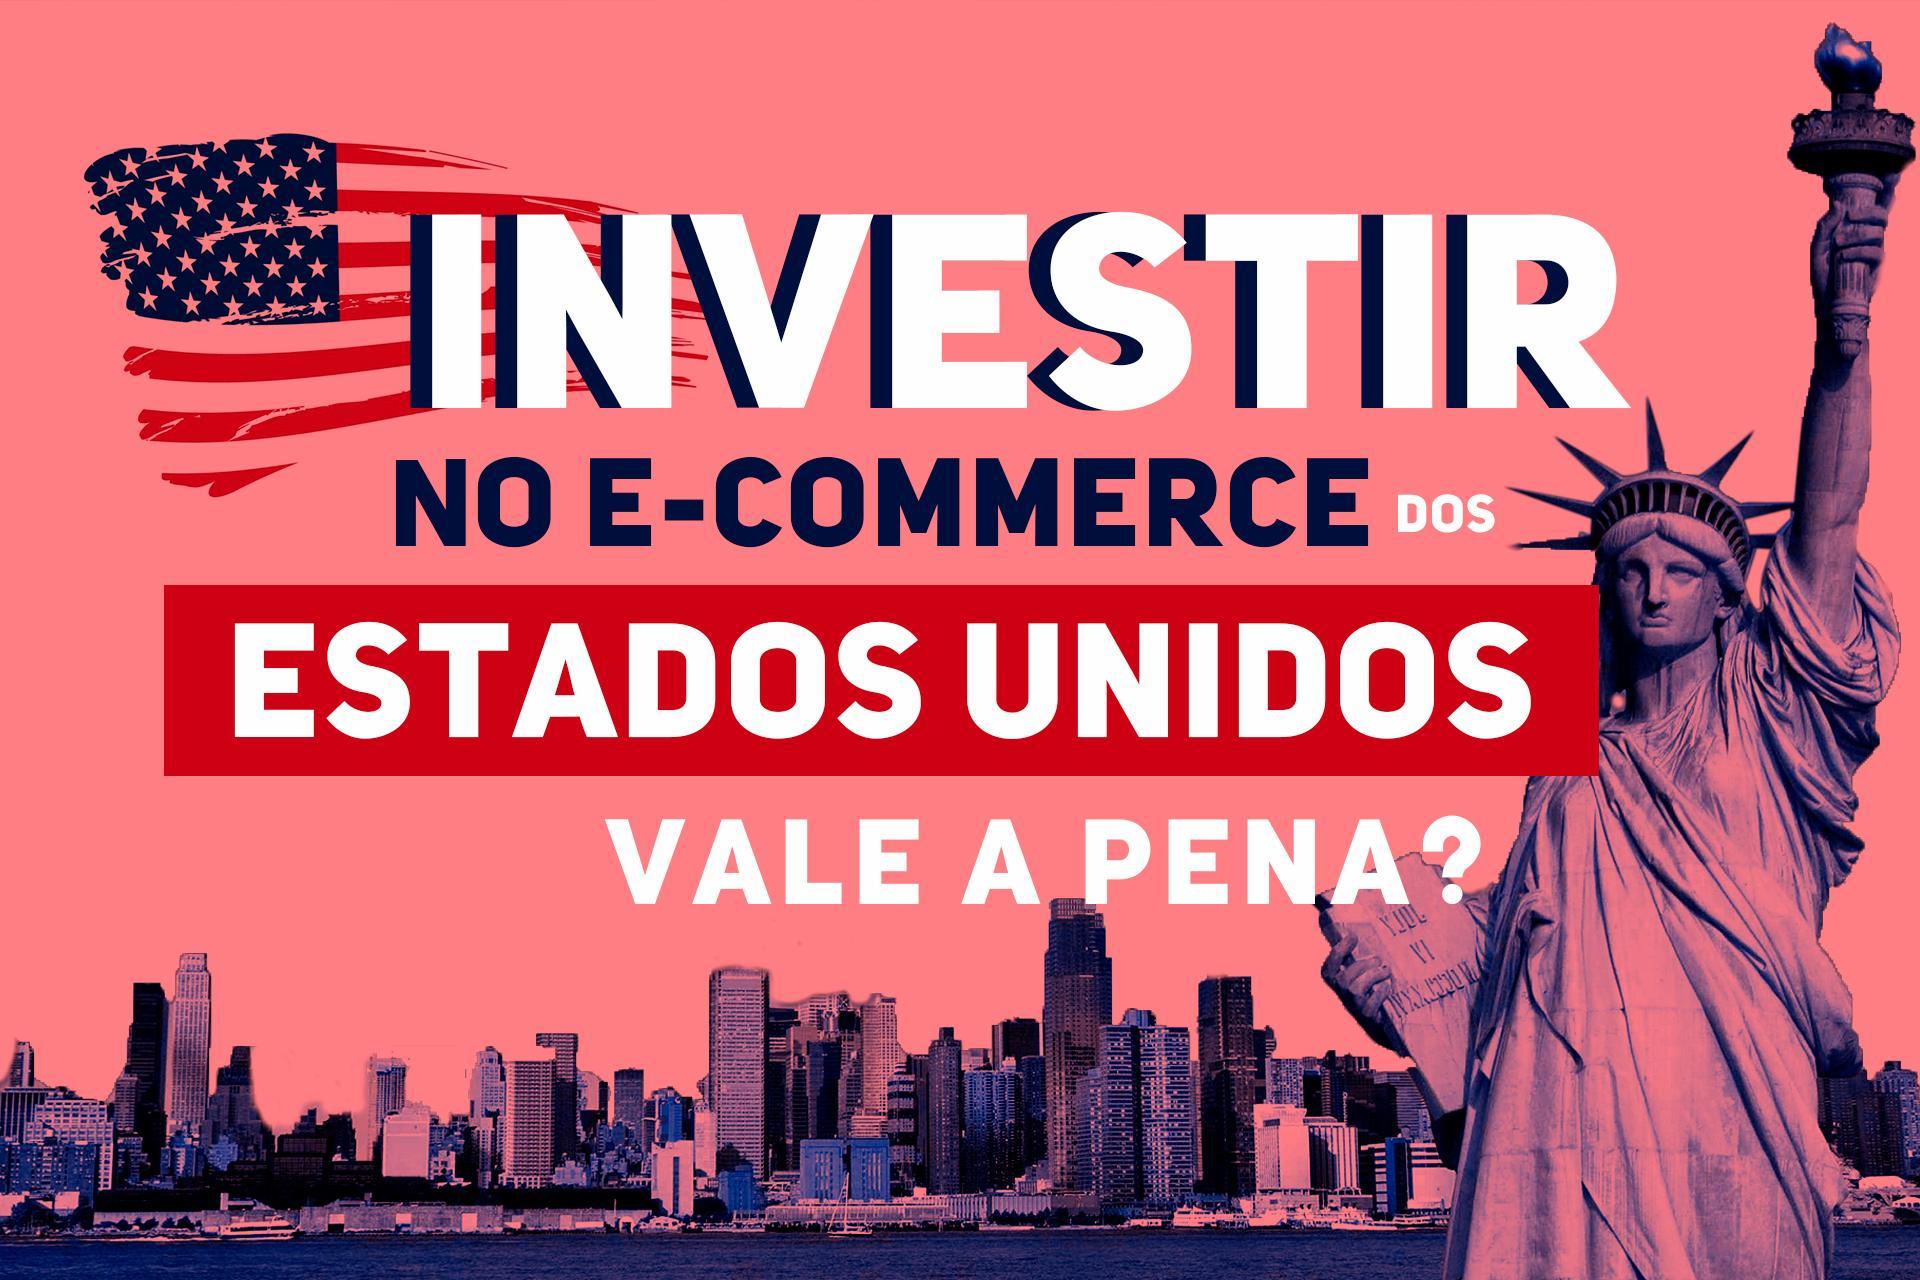 Vale a Pena Vender no E-commerce dos EUA?